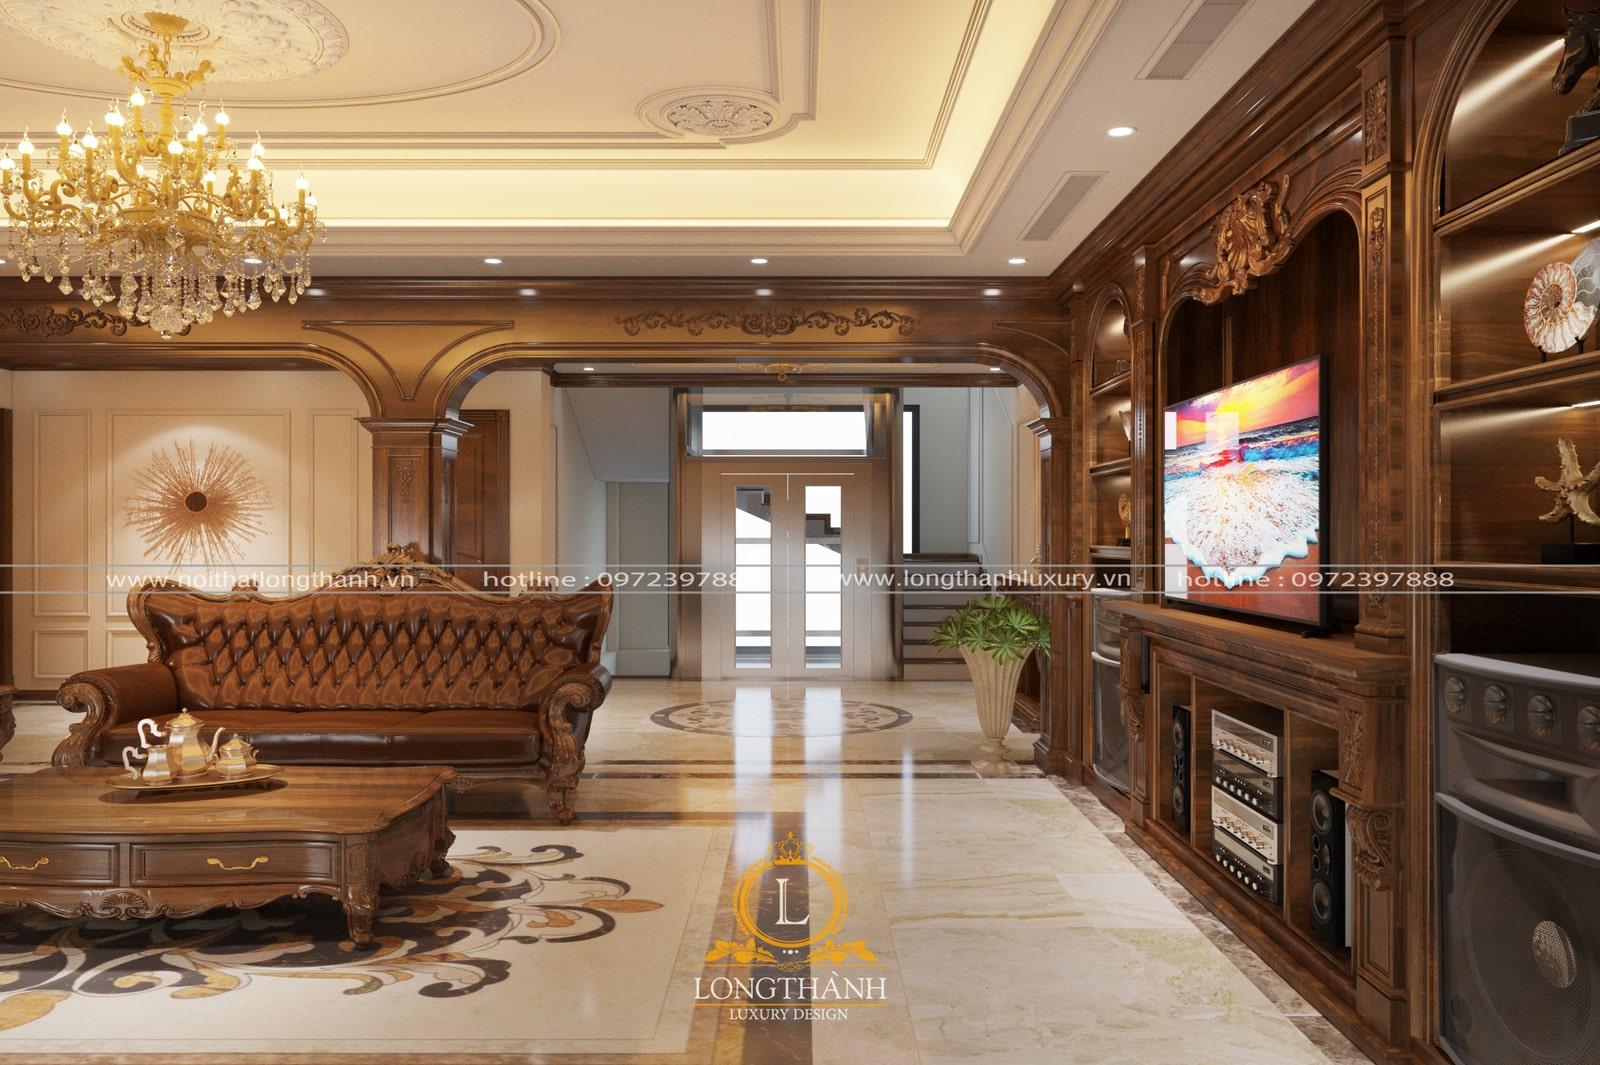 phòng khách theo phong cách nội thất tân cổ điển